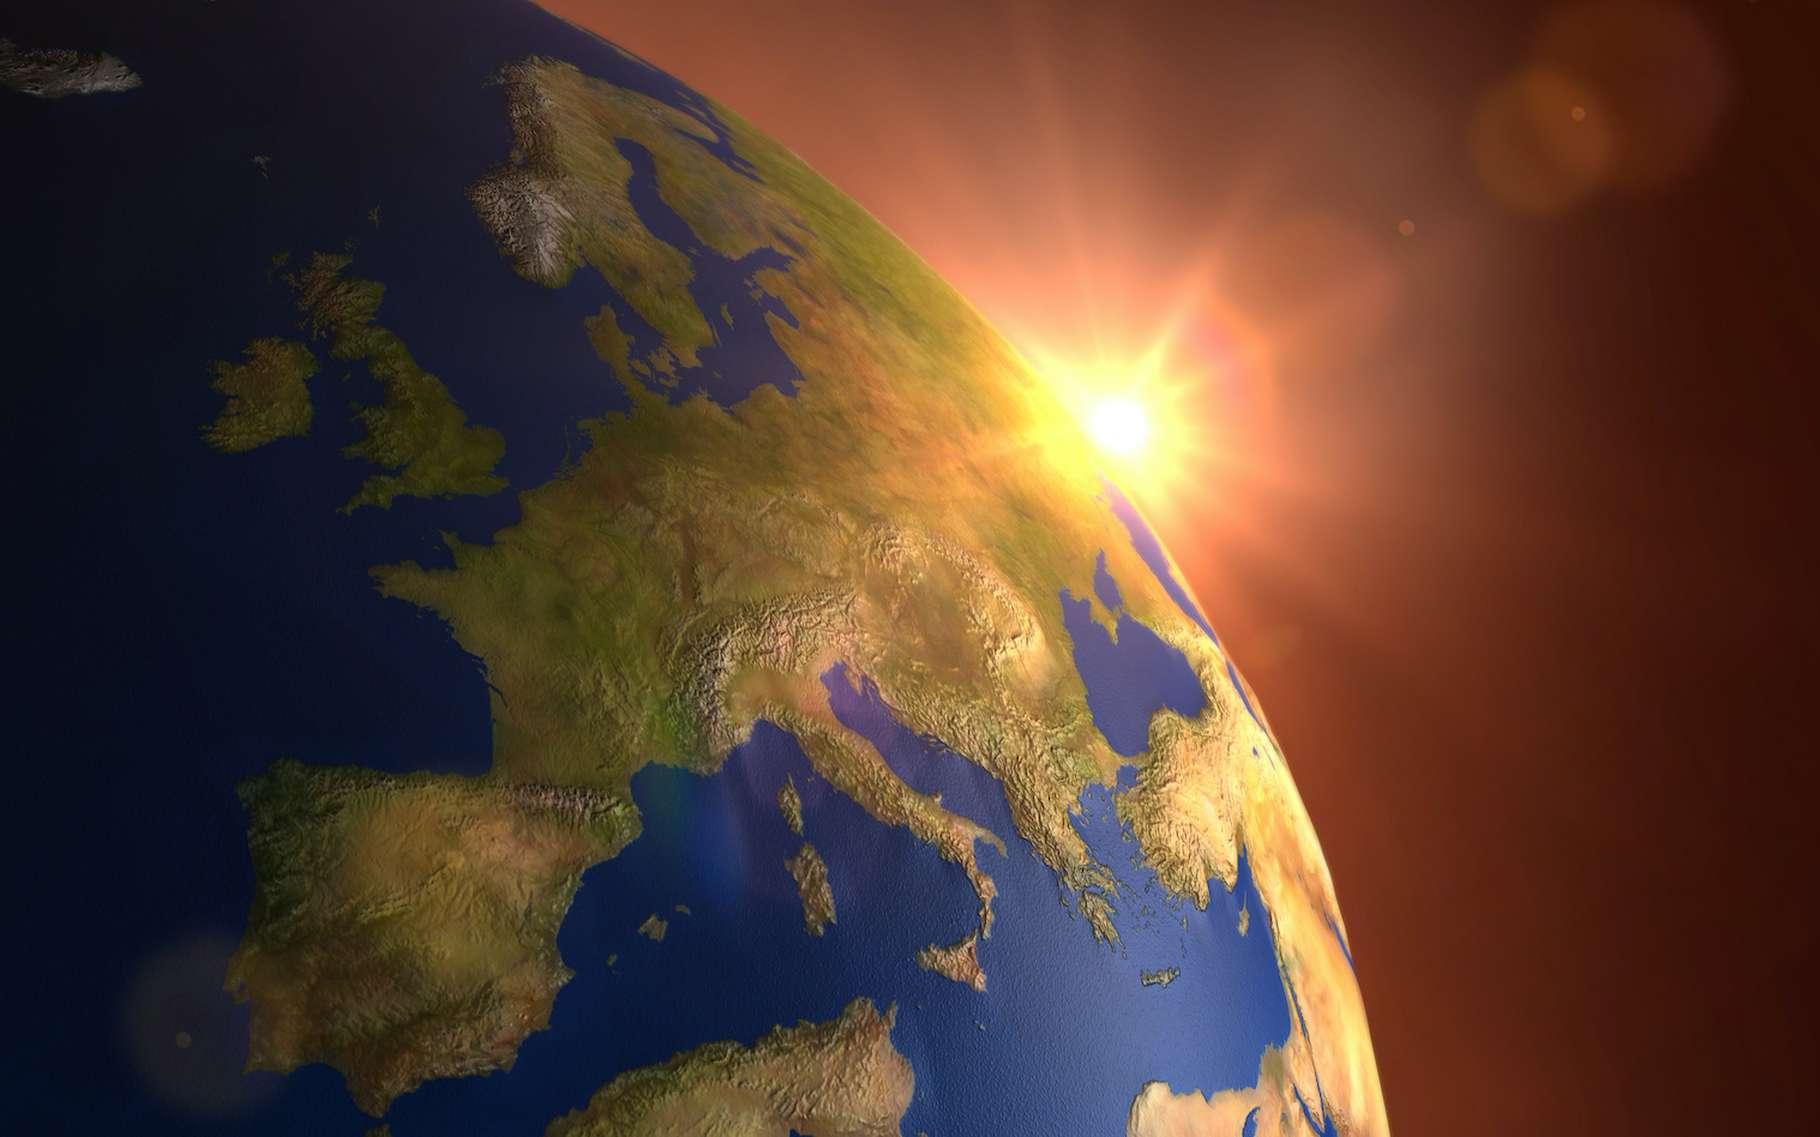 Partout en Europe, il est aujourd'hui l'heure d'imaginer des solutions d'adaptation au réchauffement climatique. Des solutions sur mesure en fonction des risques calculés par les chercheurs. © agramotive, Adobe Stock